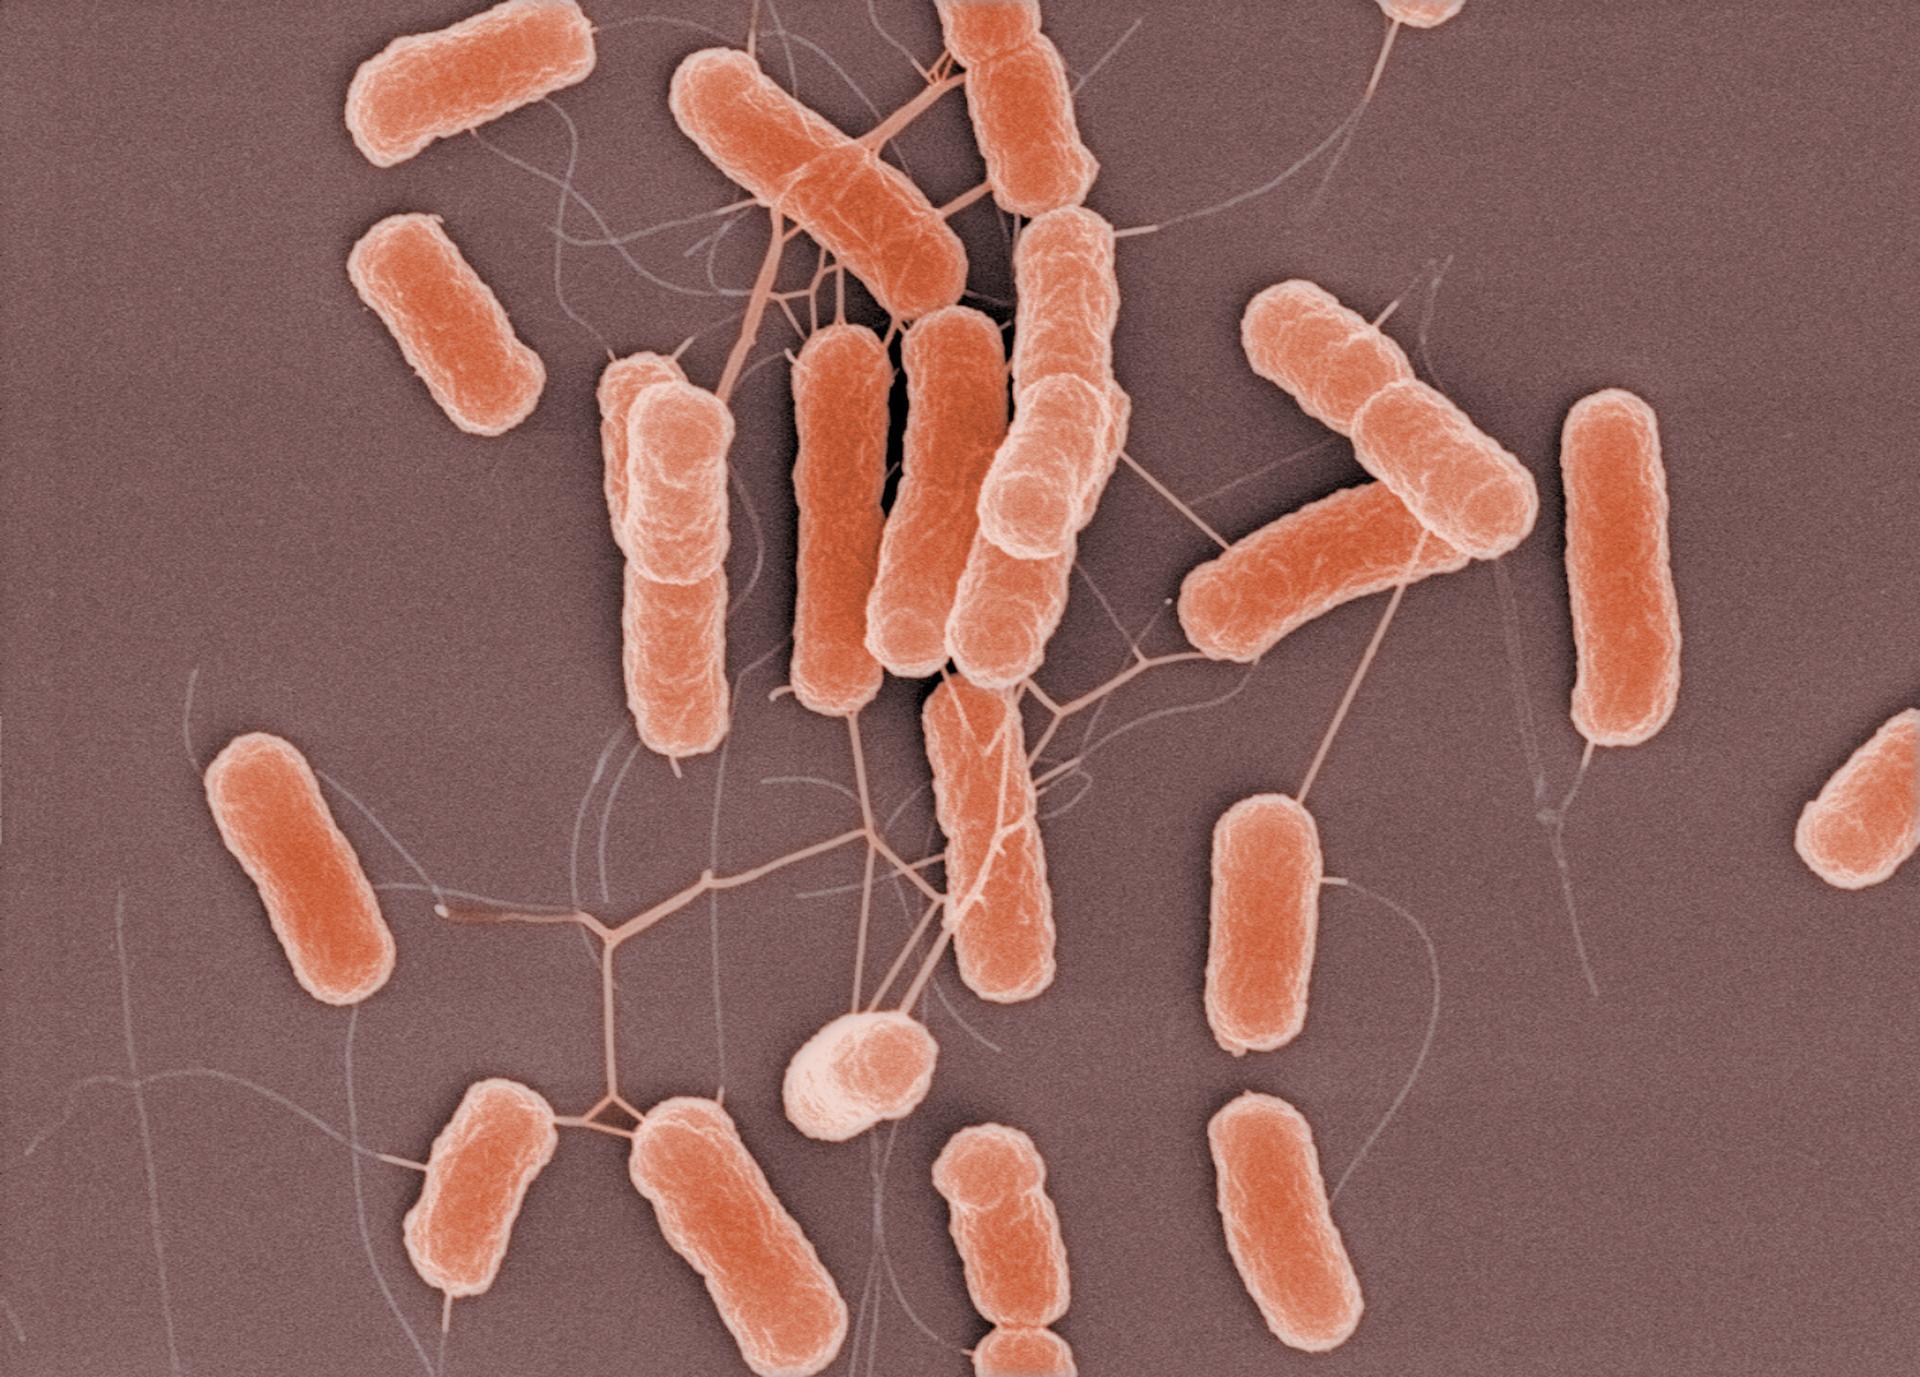 Кишечная палочка является частью микрофлоры желудка ребенка